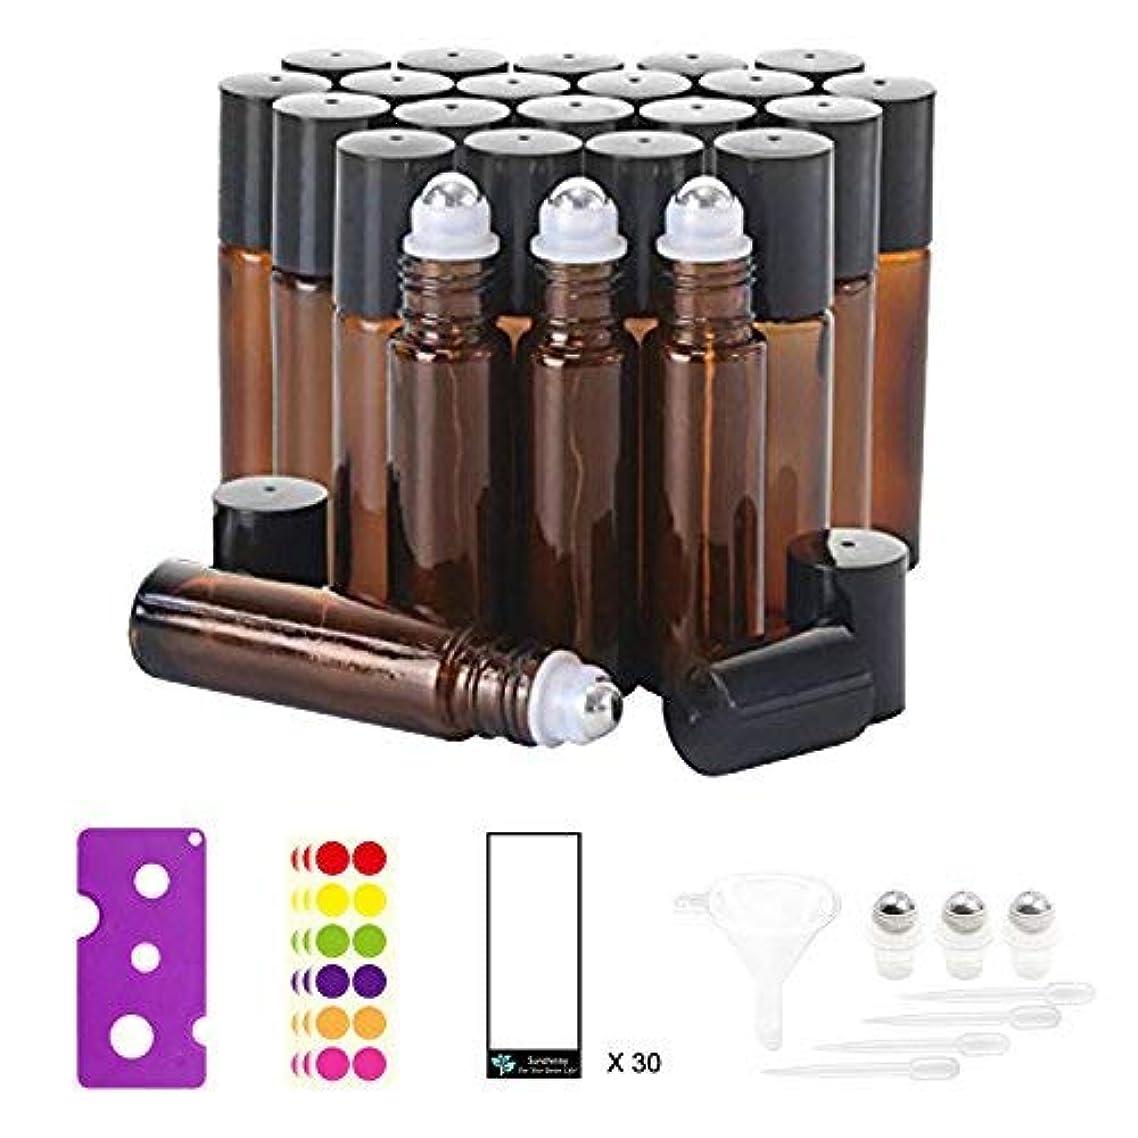 スペシャリスト敏感な反映する24, 10 ml Glass Roller Bottles for Essential Oils - Amber, with Stainless Steel Roller Balls (3 Extra Roller Balls...